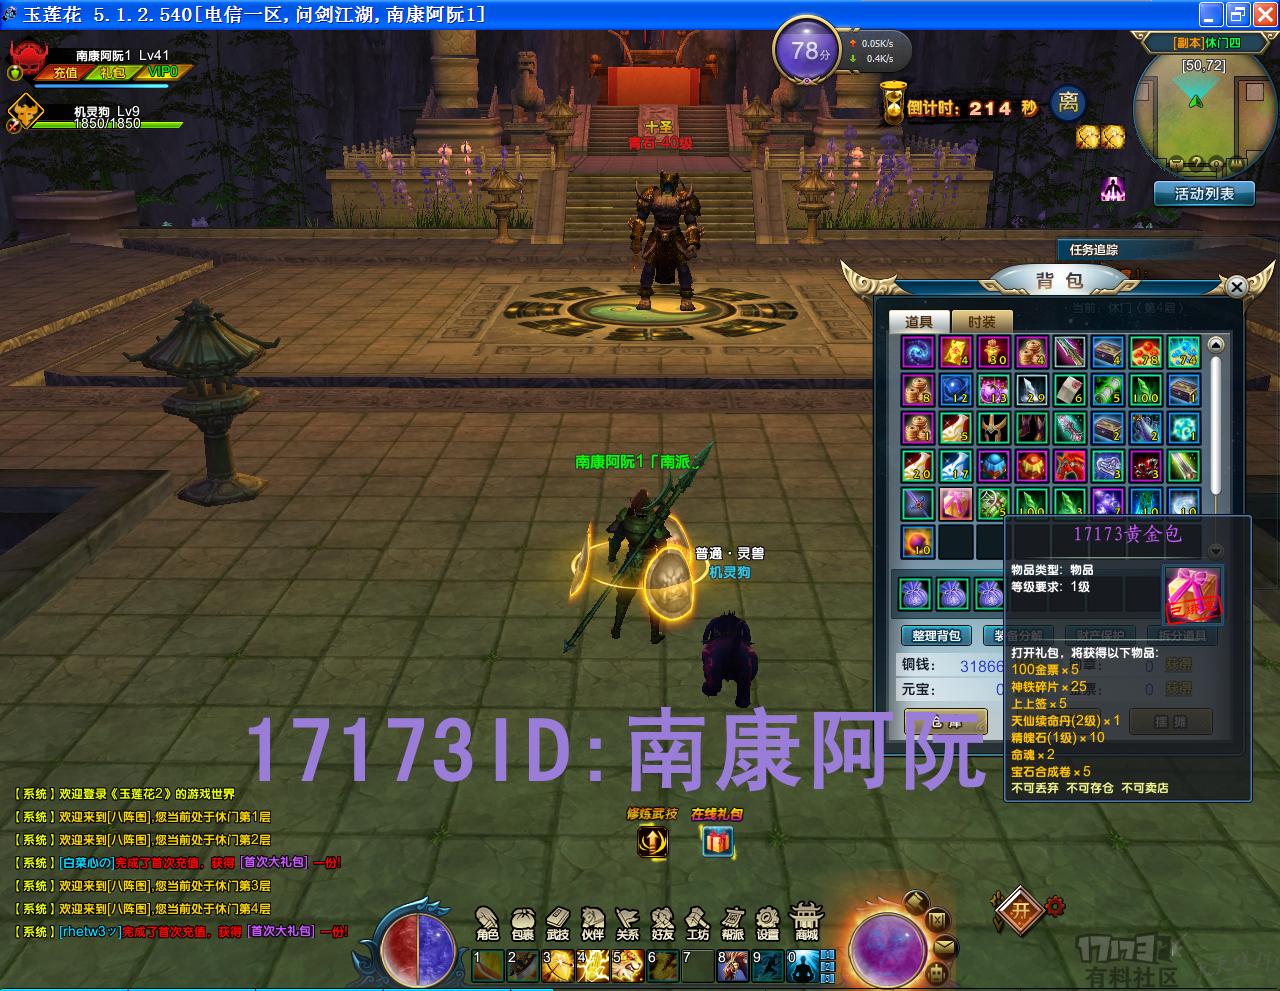 17173玉莲花2.png